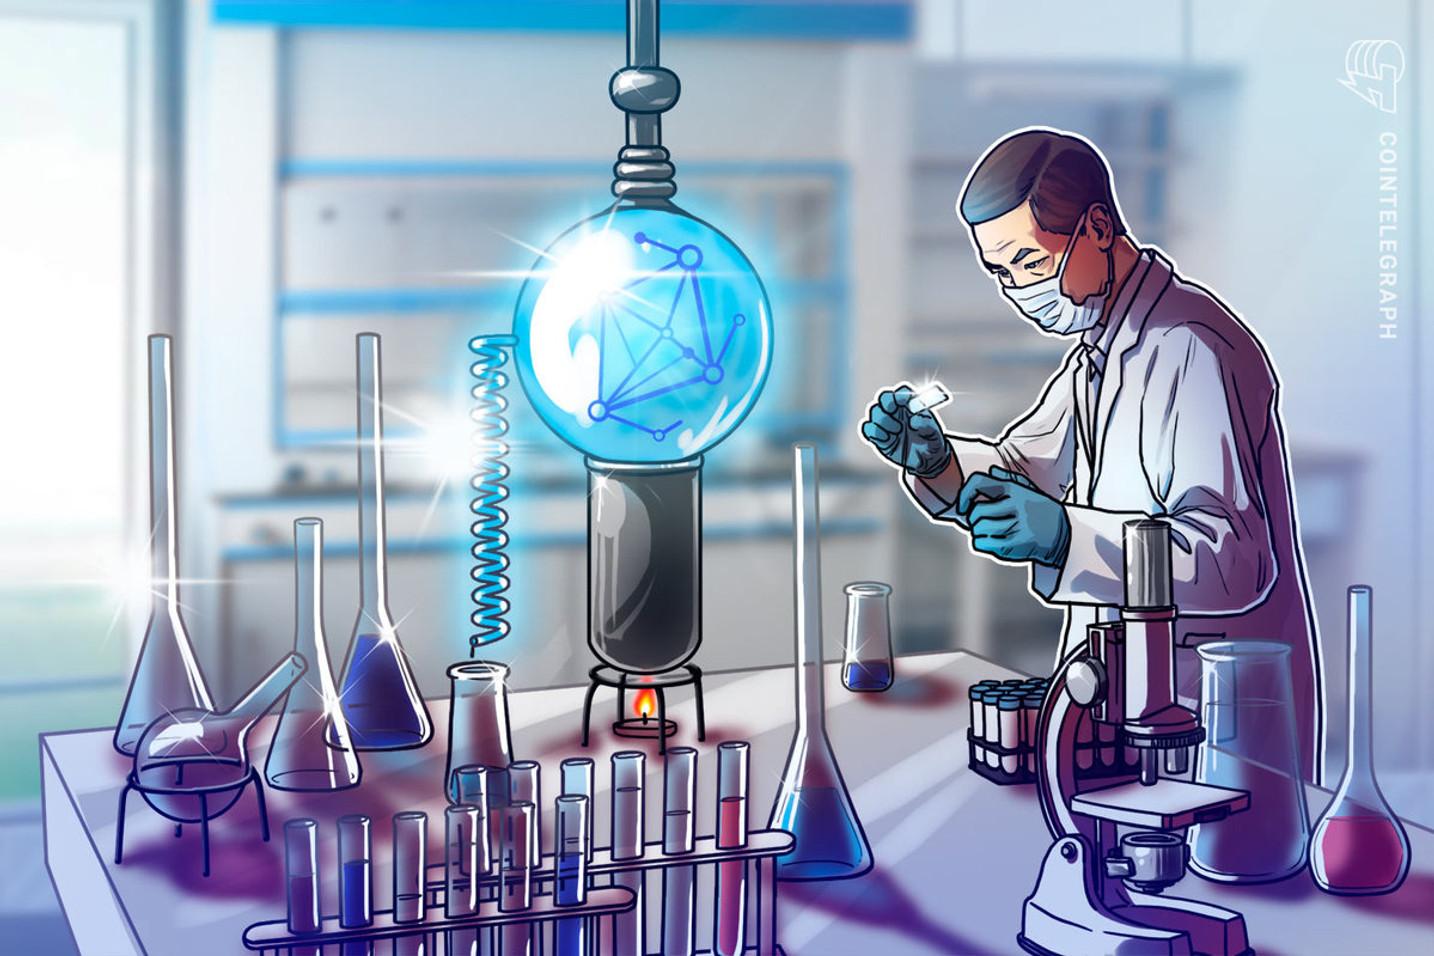 Carnegie Mellon University Sees $4M Pledge to Develop DeFi Research Program